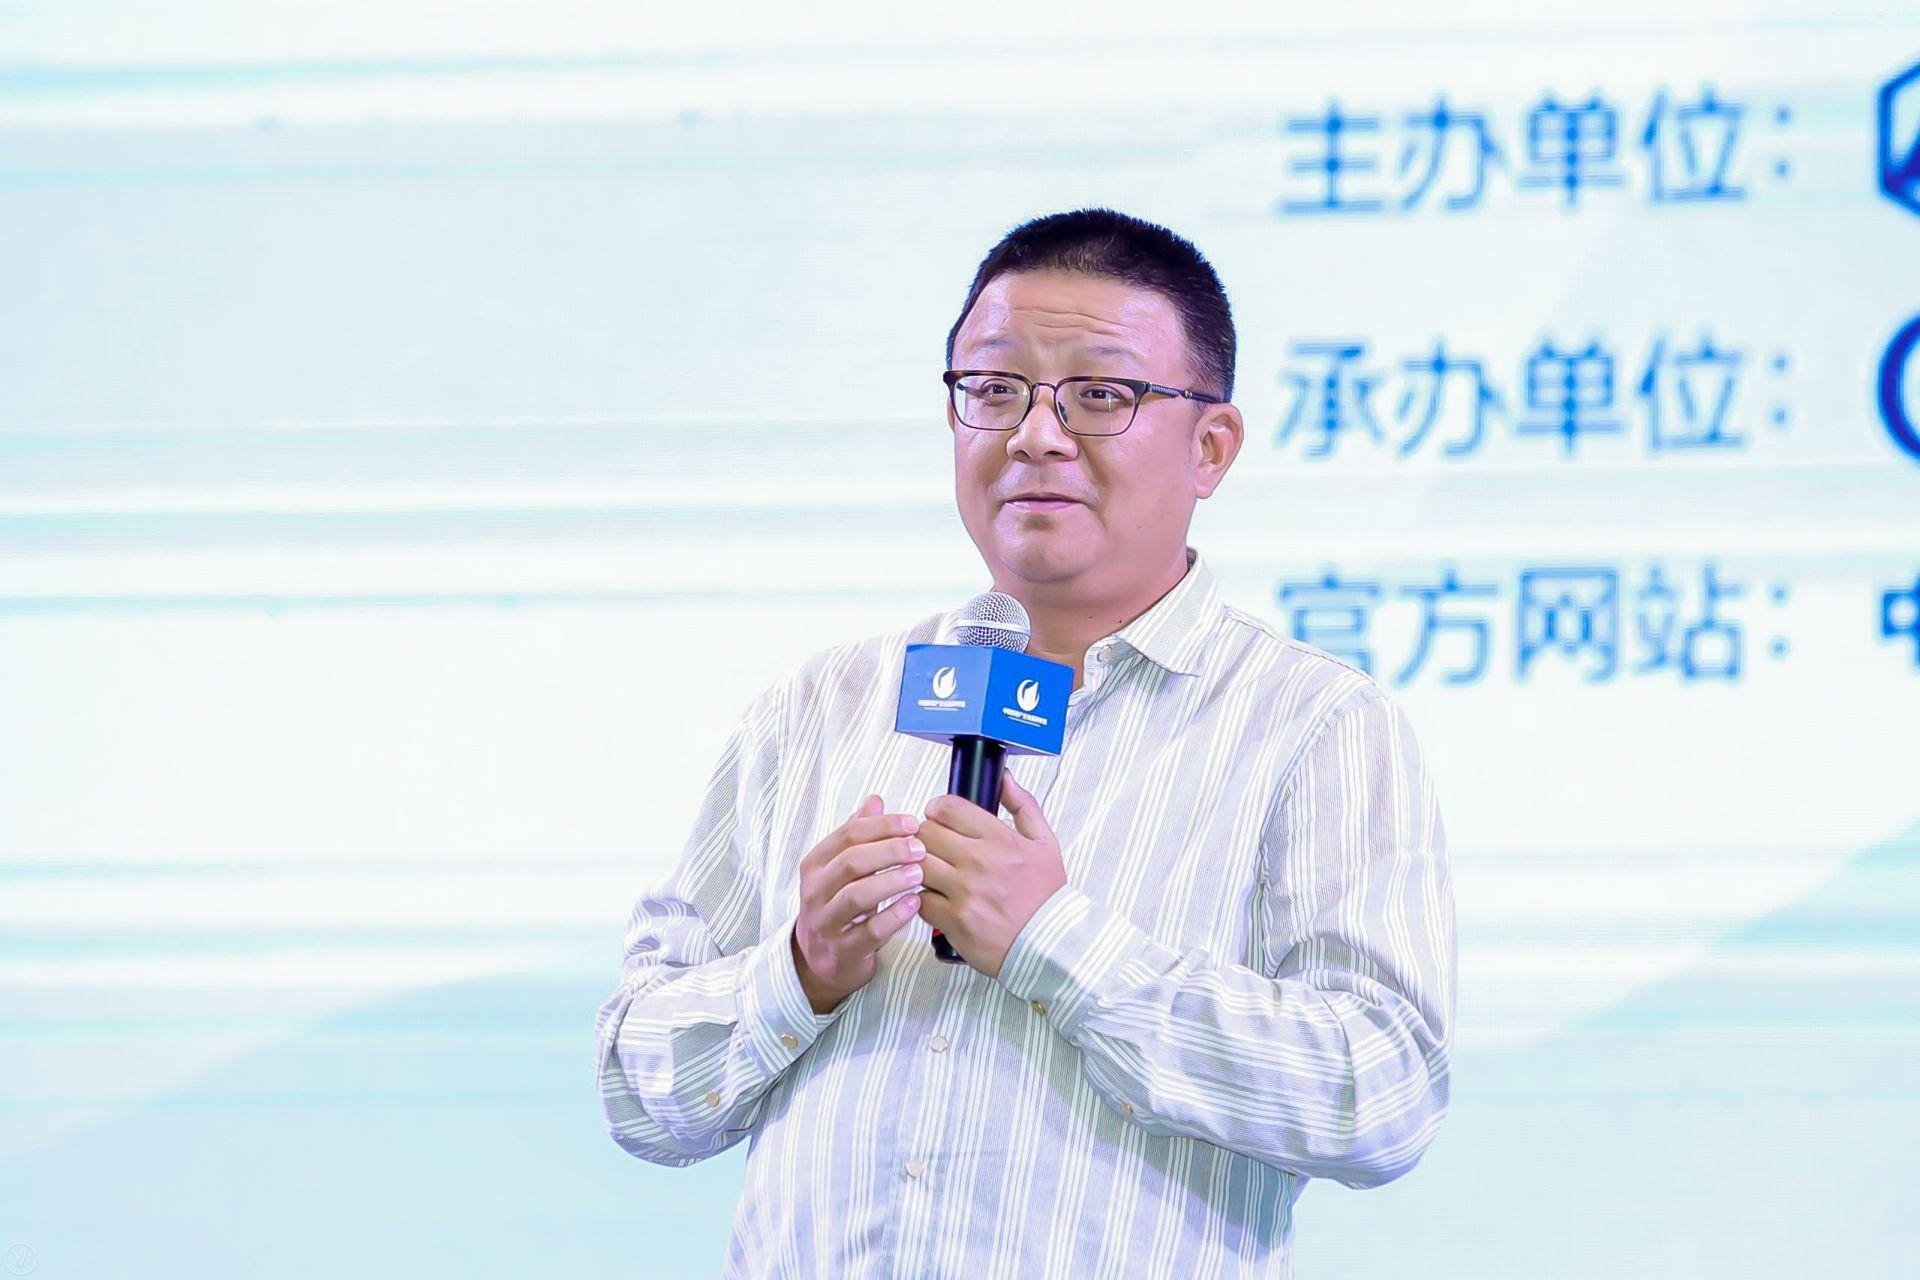 """周忻:房地产下半场是""""不动产时代"""" 核心是""""守护繁荣"""""""